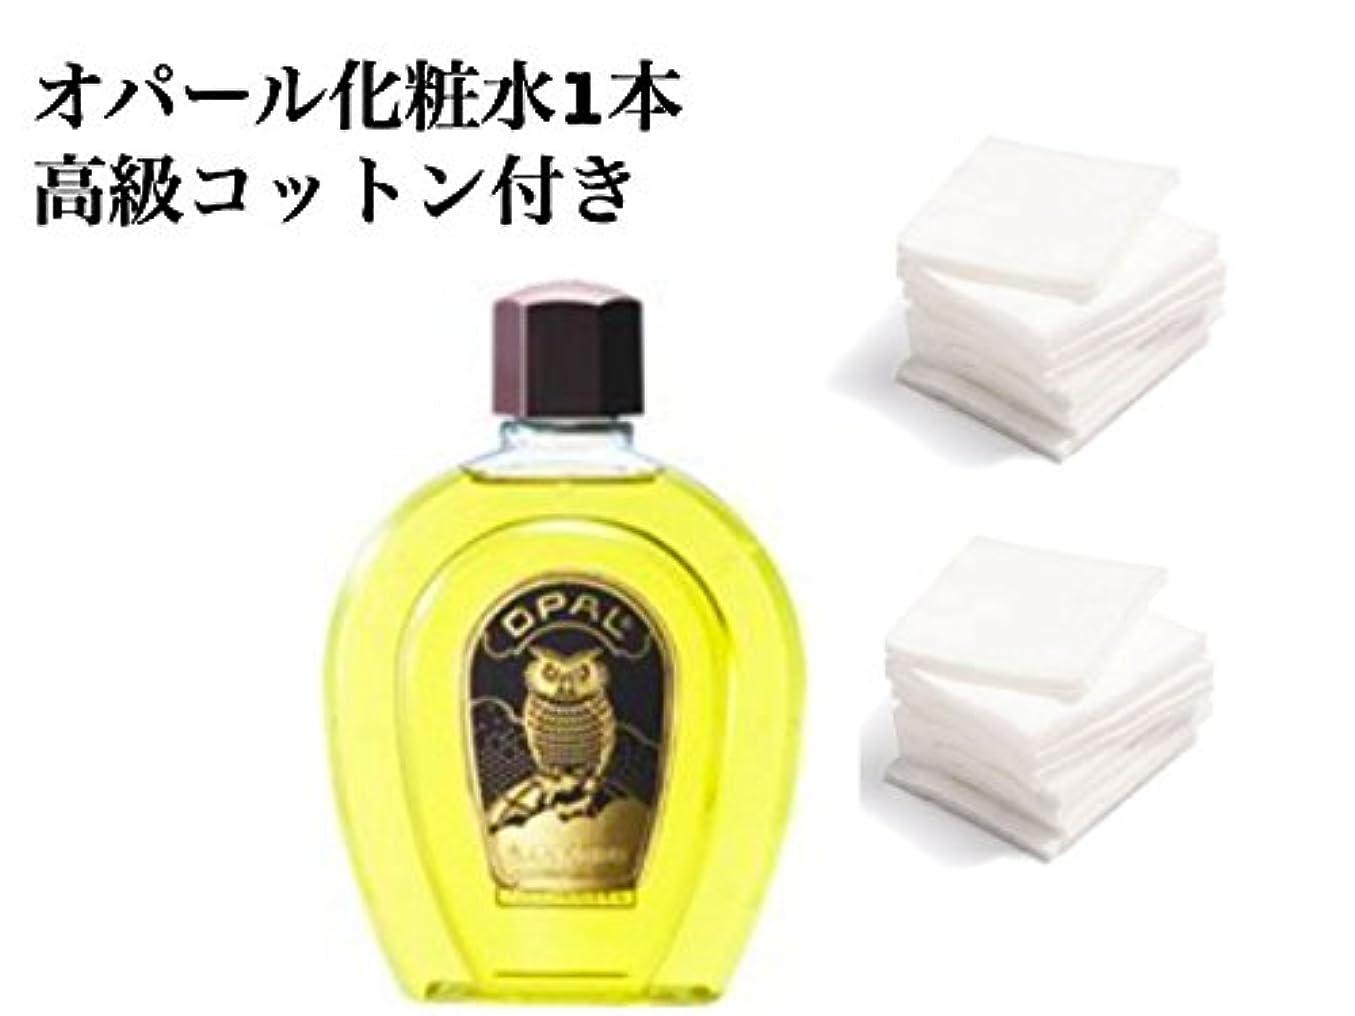 繁栄トランスペアレント受ける薬用オパール 普通肌?荒肌用化粧水 [医薬部外品] (150mL) コットン付き